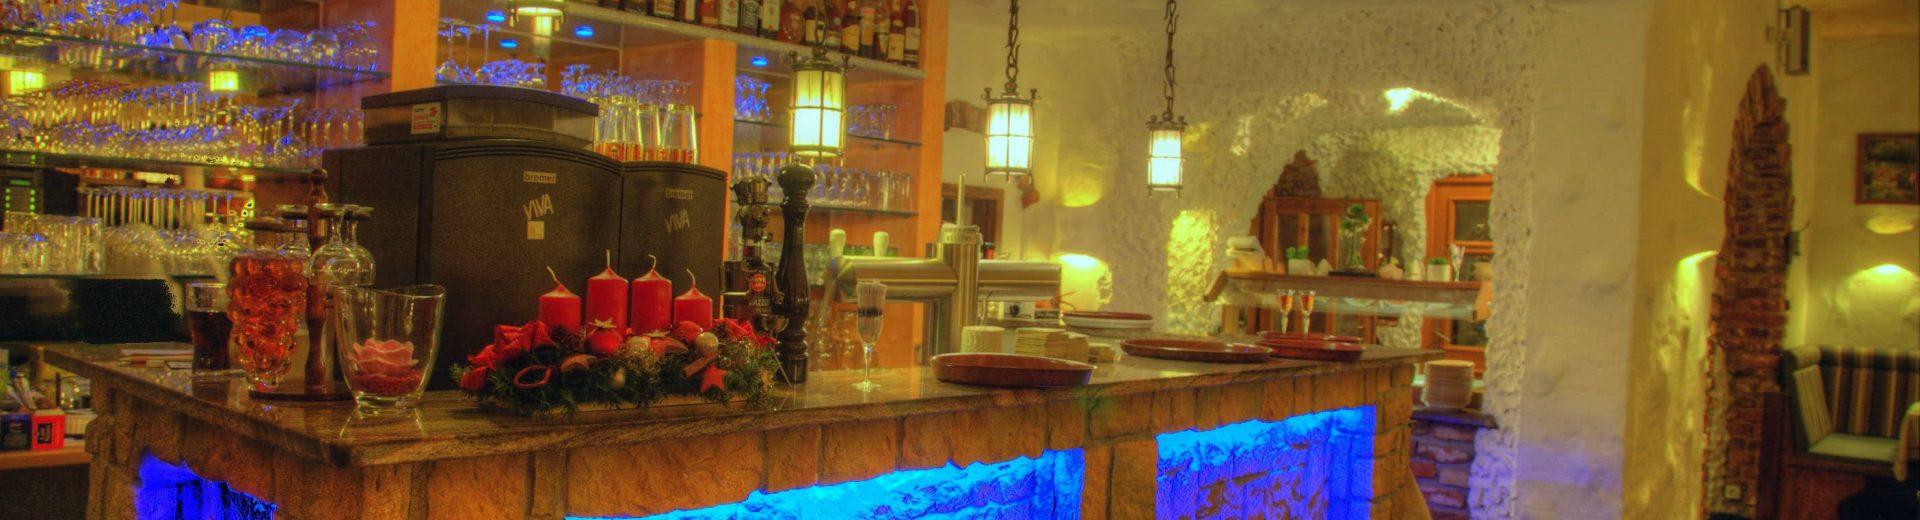 Abbilung der Theke / Bar Steak Restaurant Lindenhof